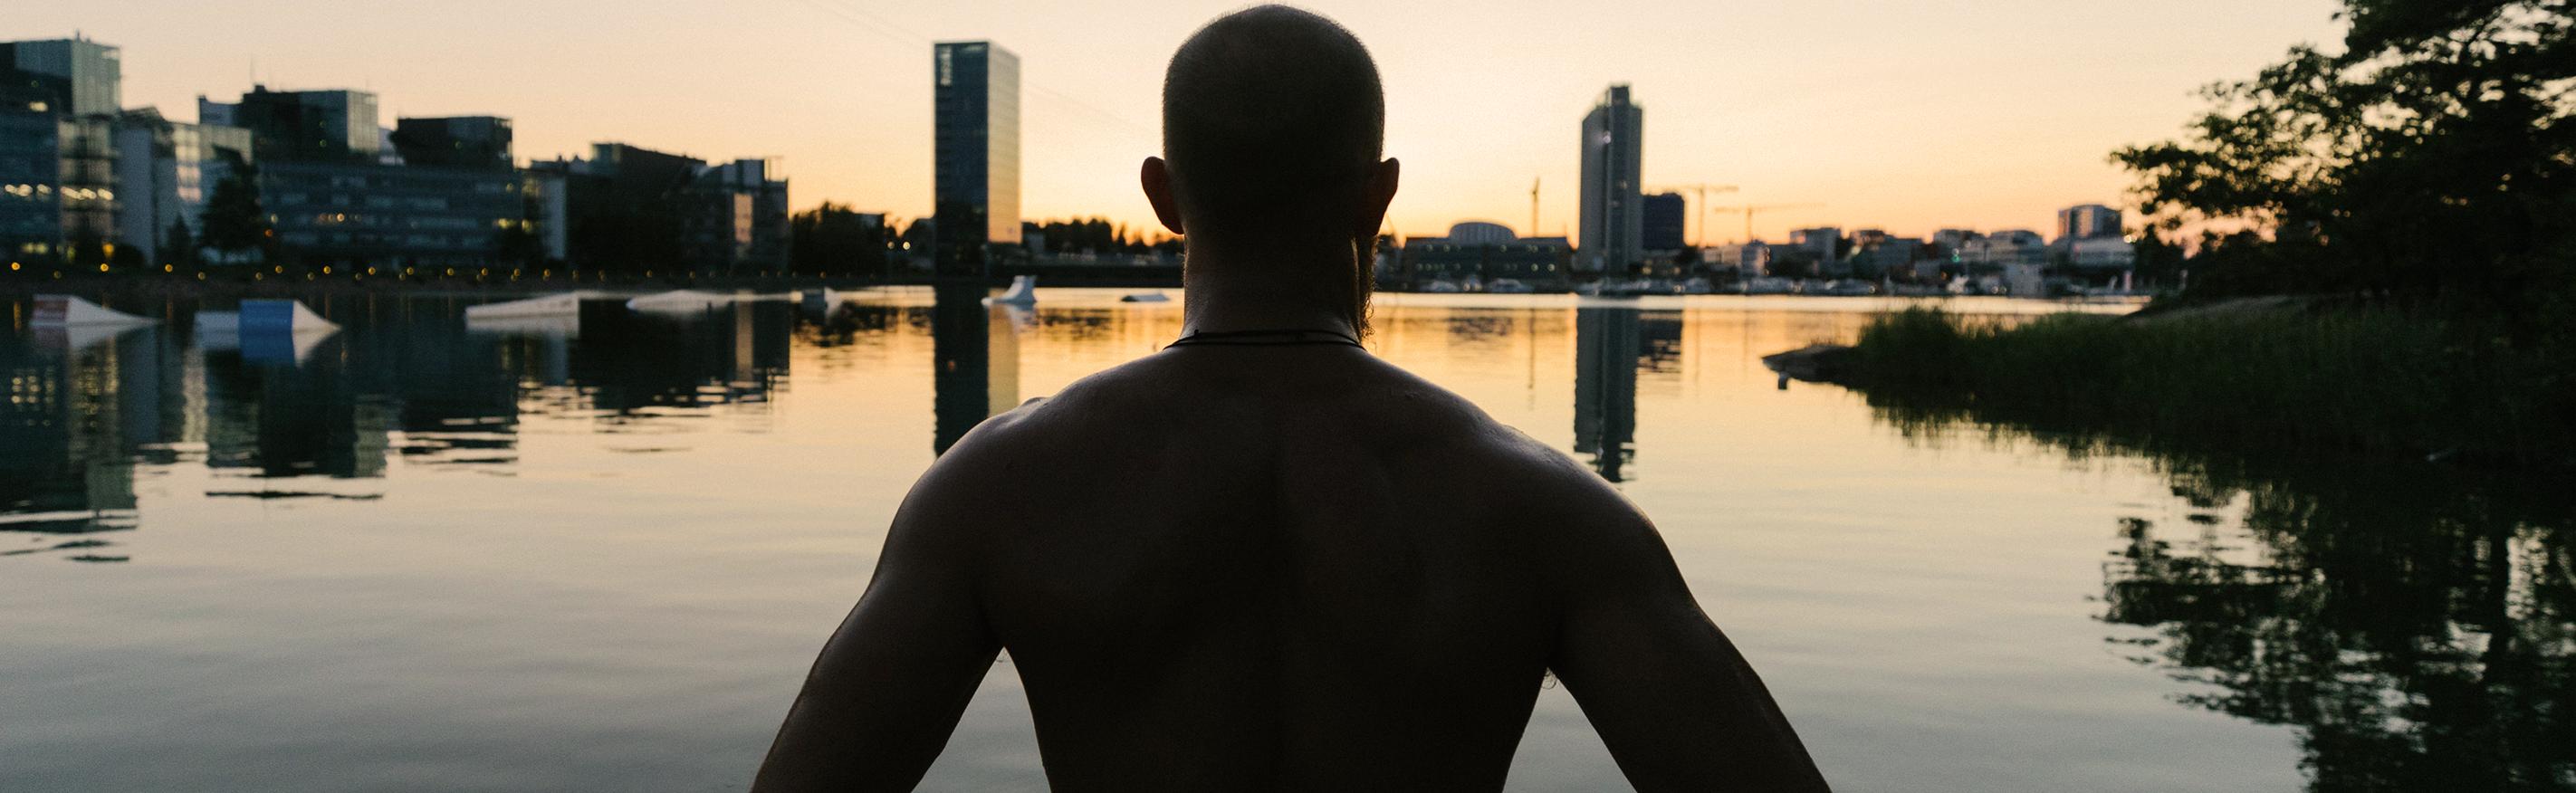 Mies selin katselemassa auringonlaskua Keilaniemen rannalla. Horisontissa näkyy korkeita rakennuksia.